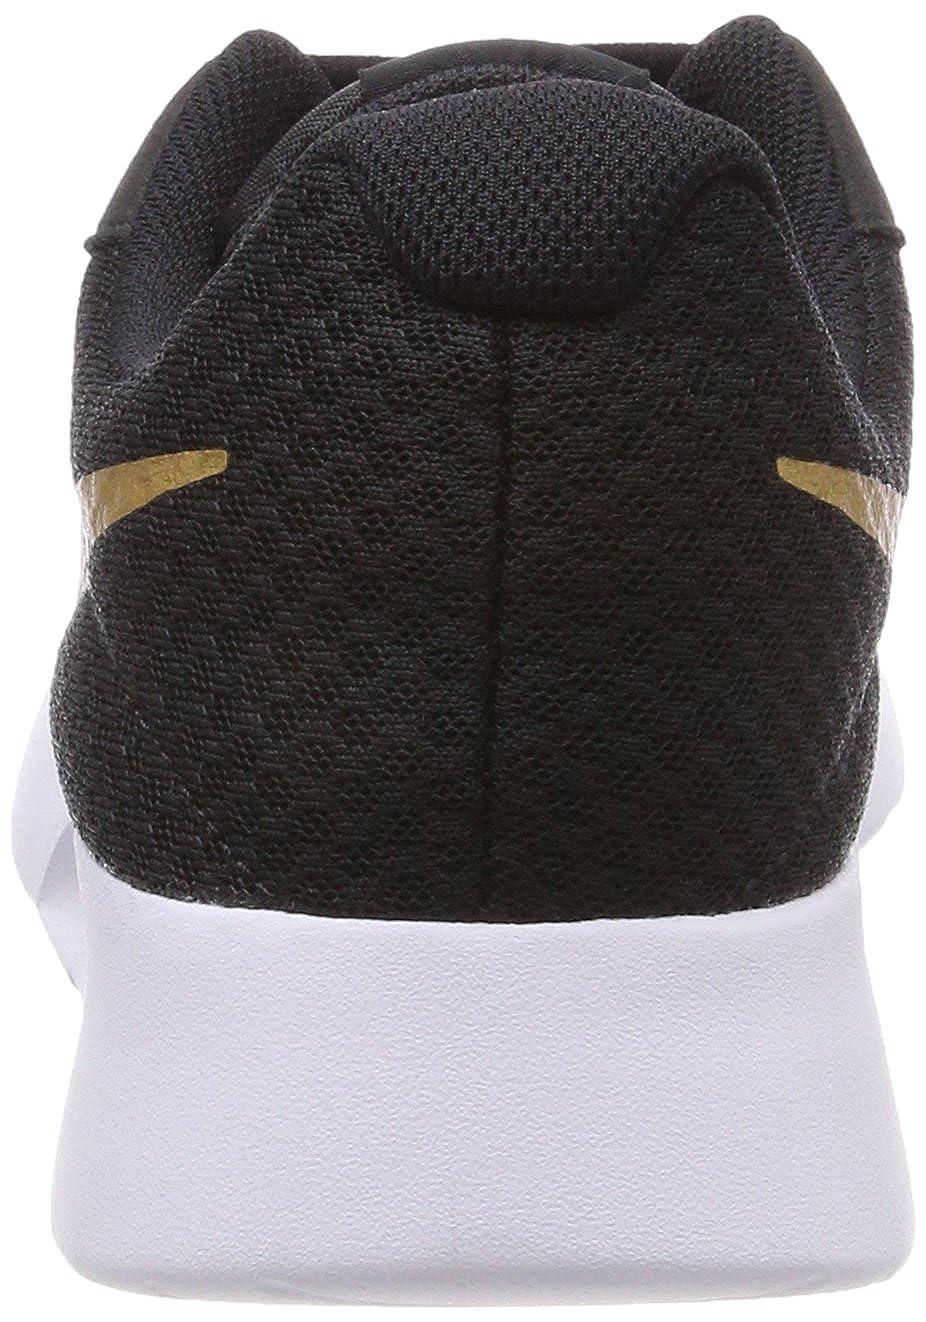 homme homme homme / femme de nike air monarch iv chaussure de sport pour hommes, blanc / gris - blanc - anthracite charmant design certains matériaux forte chaleur et la résistance à la ch aleur rg9084 e7846d